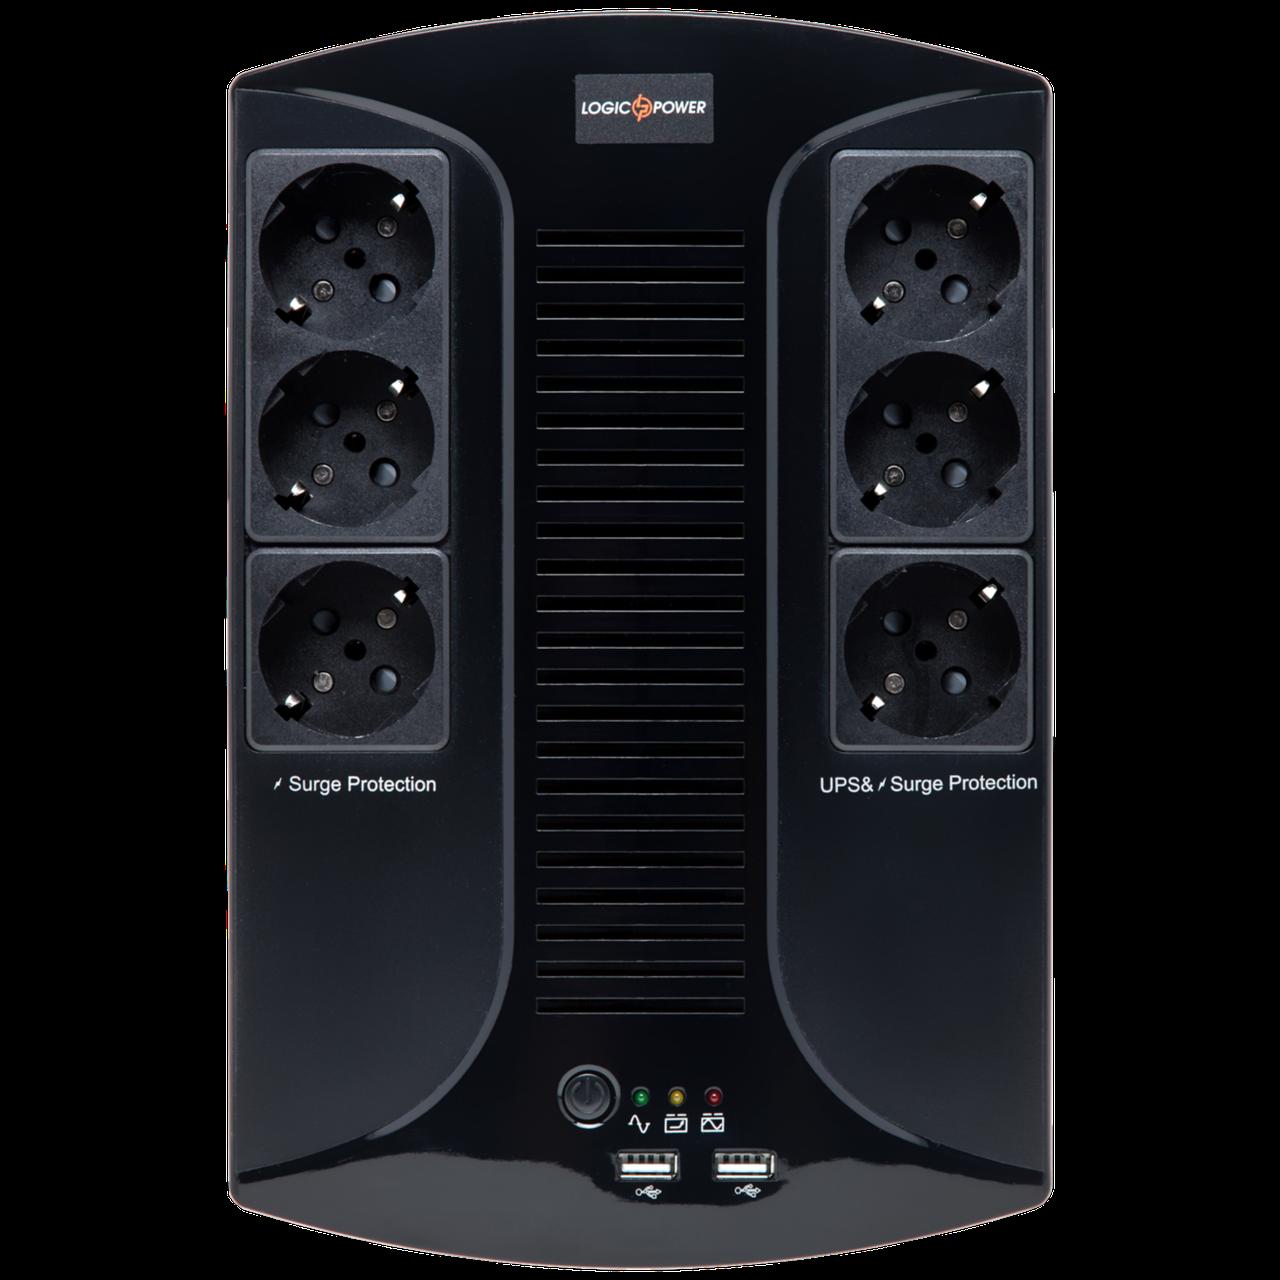 УЦ 4325 ИБП LP 850VA-6PS(595Вт)